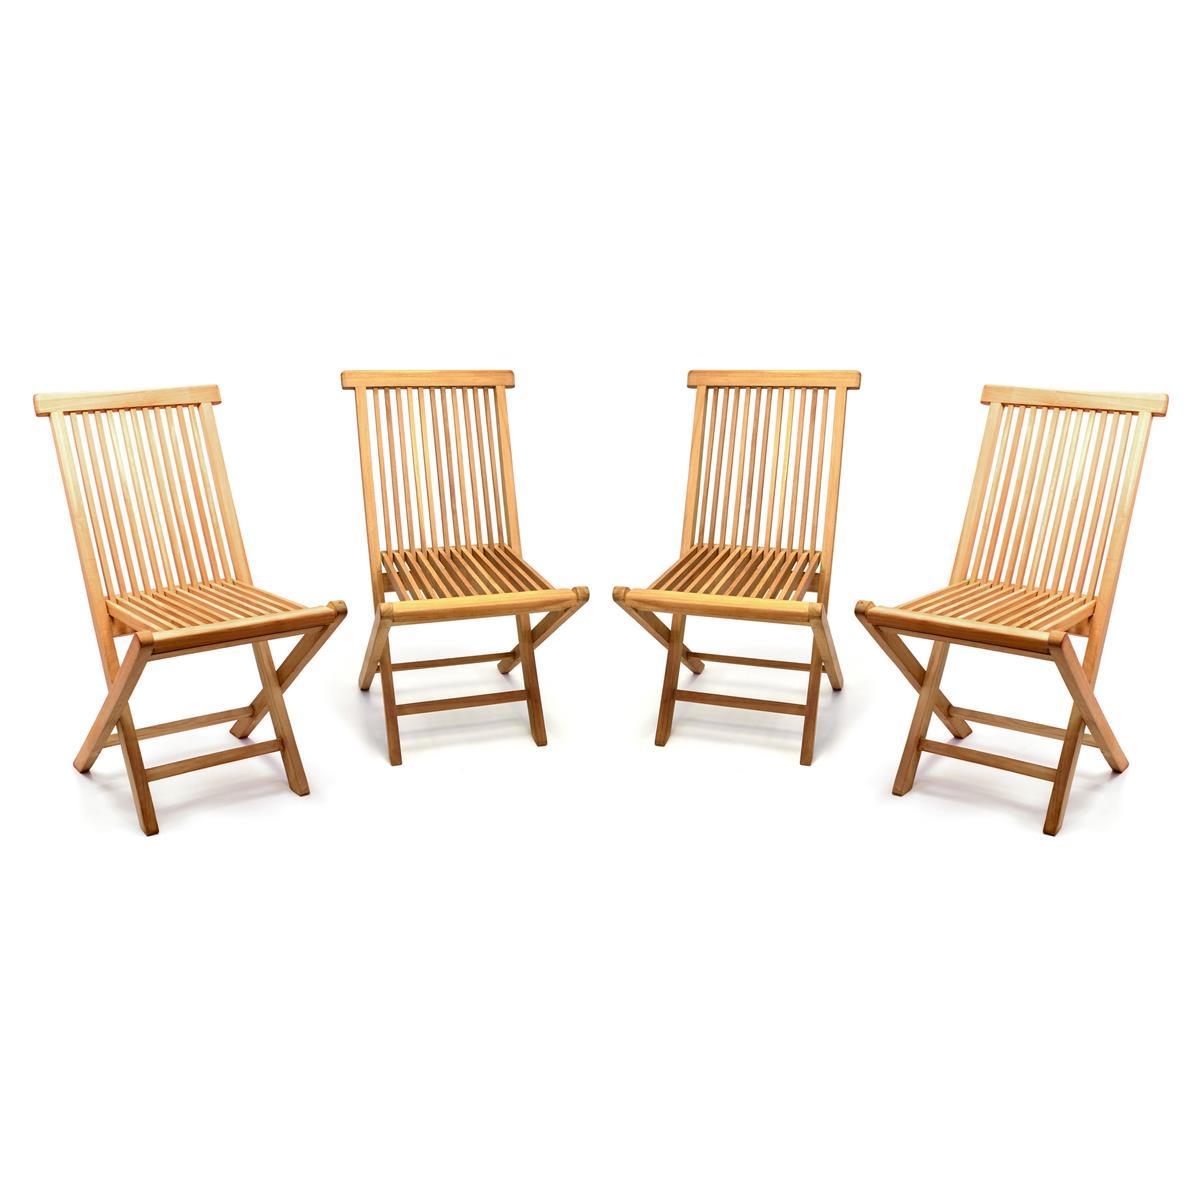 DIVERO 4er Set Gartenstuhl Teak Holz behandelt klappbar Holzstuhl Balkonstuhl